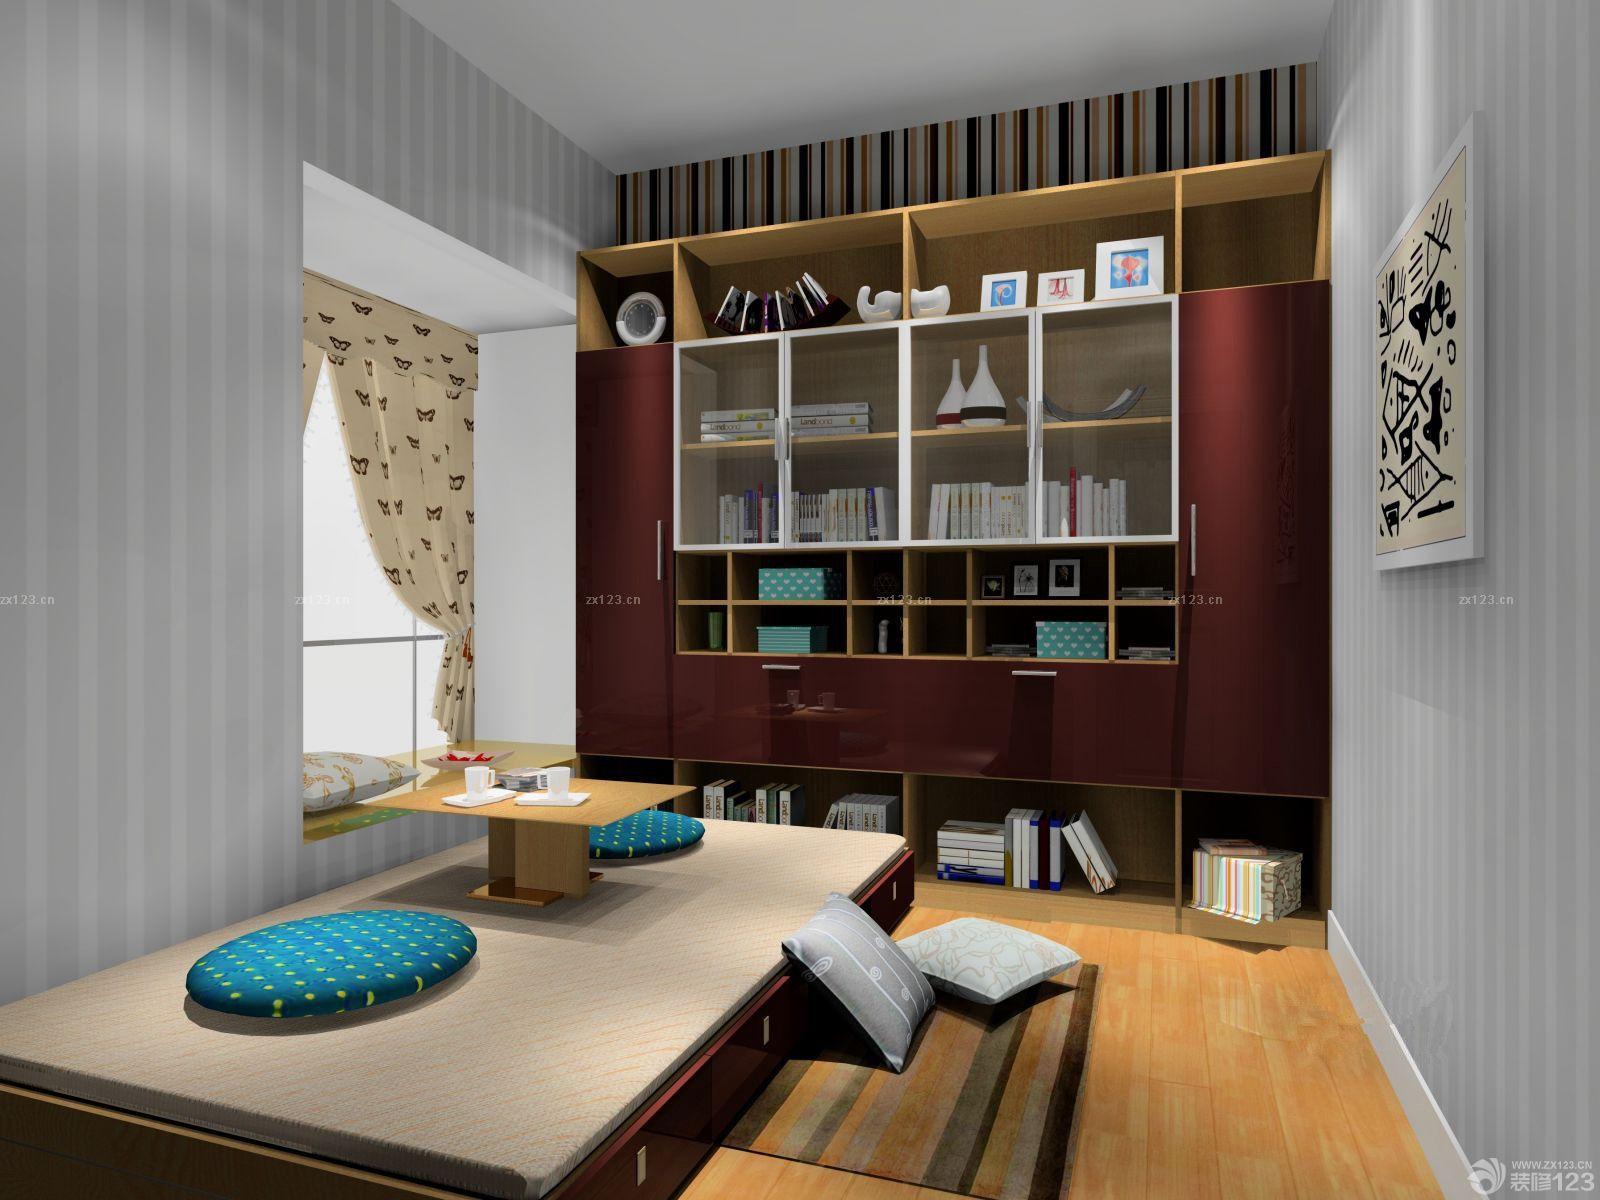 最新日式小房间书房榻榻米装修效果图欣赏